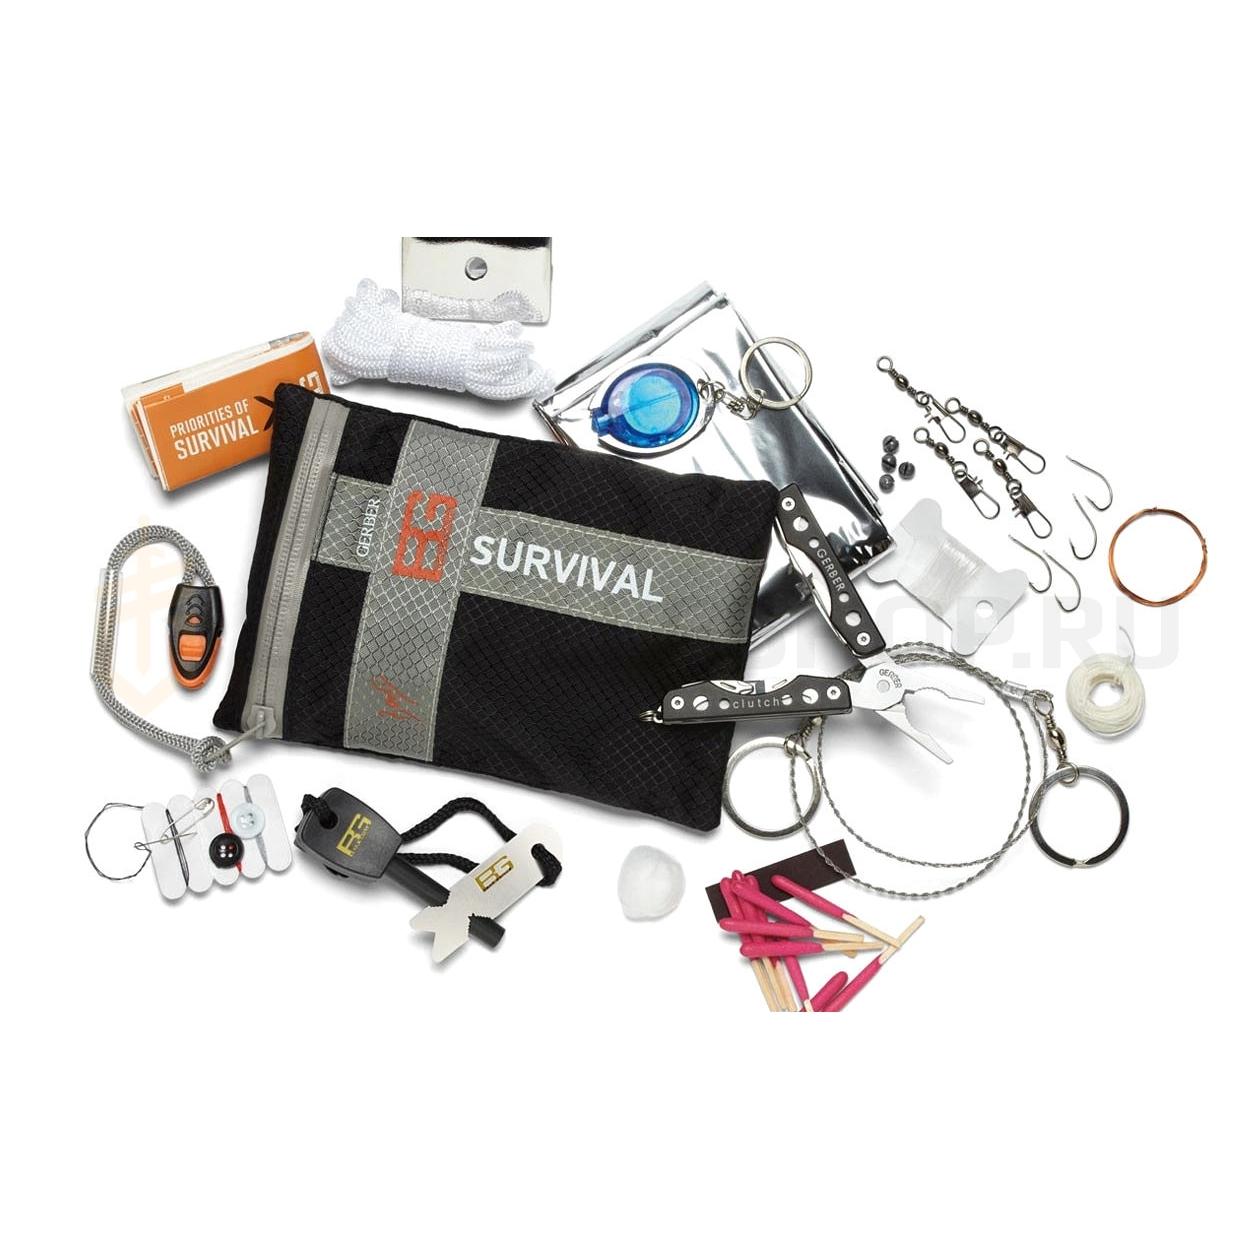 Комплект выживания Ultimate KitПодарочные наборы ножей<br>Вашему вниманию представлен универсальный набор, существенно повышающий шанс выжить в условиях дикой природы. Попадая в непредвиденные ситуации и экстремальные условия для выживания, в комплекте набора Вы всегда обнаружите те полезные инструменты, с помощью которых легко совладать с любыми неприятностями. Комплект серии Survival Ultimate - полезная вещь в Вашем рюкзаке, походной сумке, бардачке машины. В наборе также предусмотрена инструкция сигналов SOS и руководство для выживания в диких природных условиях.<br>Комплектация из 23 предметов:<br><br>Крестовая отвертка.<br>Кусачки.<br>Открывалка для бутылок.<br>Пила по дереву.<br>Пинцет.<br>Плоская отвертка (маленькая).<br>Плоская отвертка (средняя).<br>Плоскогубцы.<br>Прямое лезвие.<br>Серрейторное лезвие.<br>Свисток.<br>Огниво.<br>Водонепроницаемые спички.<br>Нейлоновые струны для изготовления ловушек.<br>Аварийный шнур.<br>Хлопковый трут.<br>Кольцо для вытяжного шнура.<br>Фонарик.<br>Зеркало для подачи сигналов.<br>Термо-одеяло.<br>Вощеная нить.<br>Крючки для ловли рыбы.<br>Швейные принадлежности.<br><br>Особенности комплекта:Материал: пластик, металл, картон, полипропилен.Размеры упаковки: 14,3 х 11,4 х 17,3 см.Упаковка: блистер на картоне.Назначение: набор путешественника.<br>